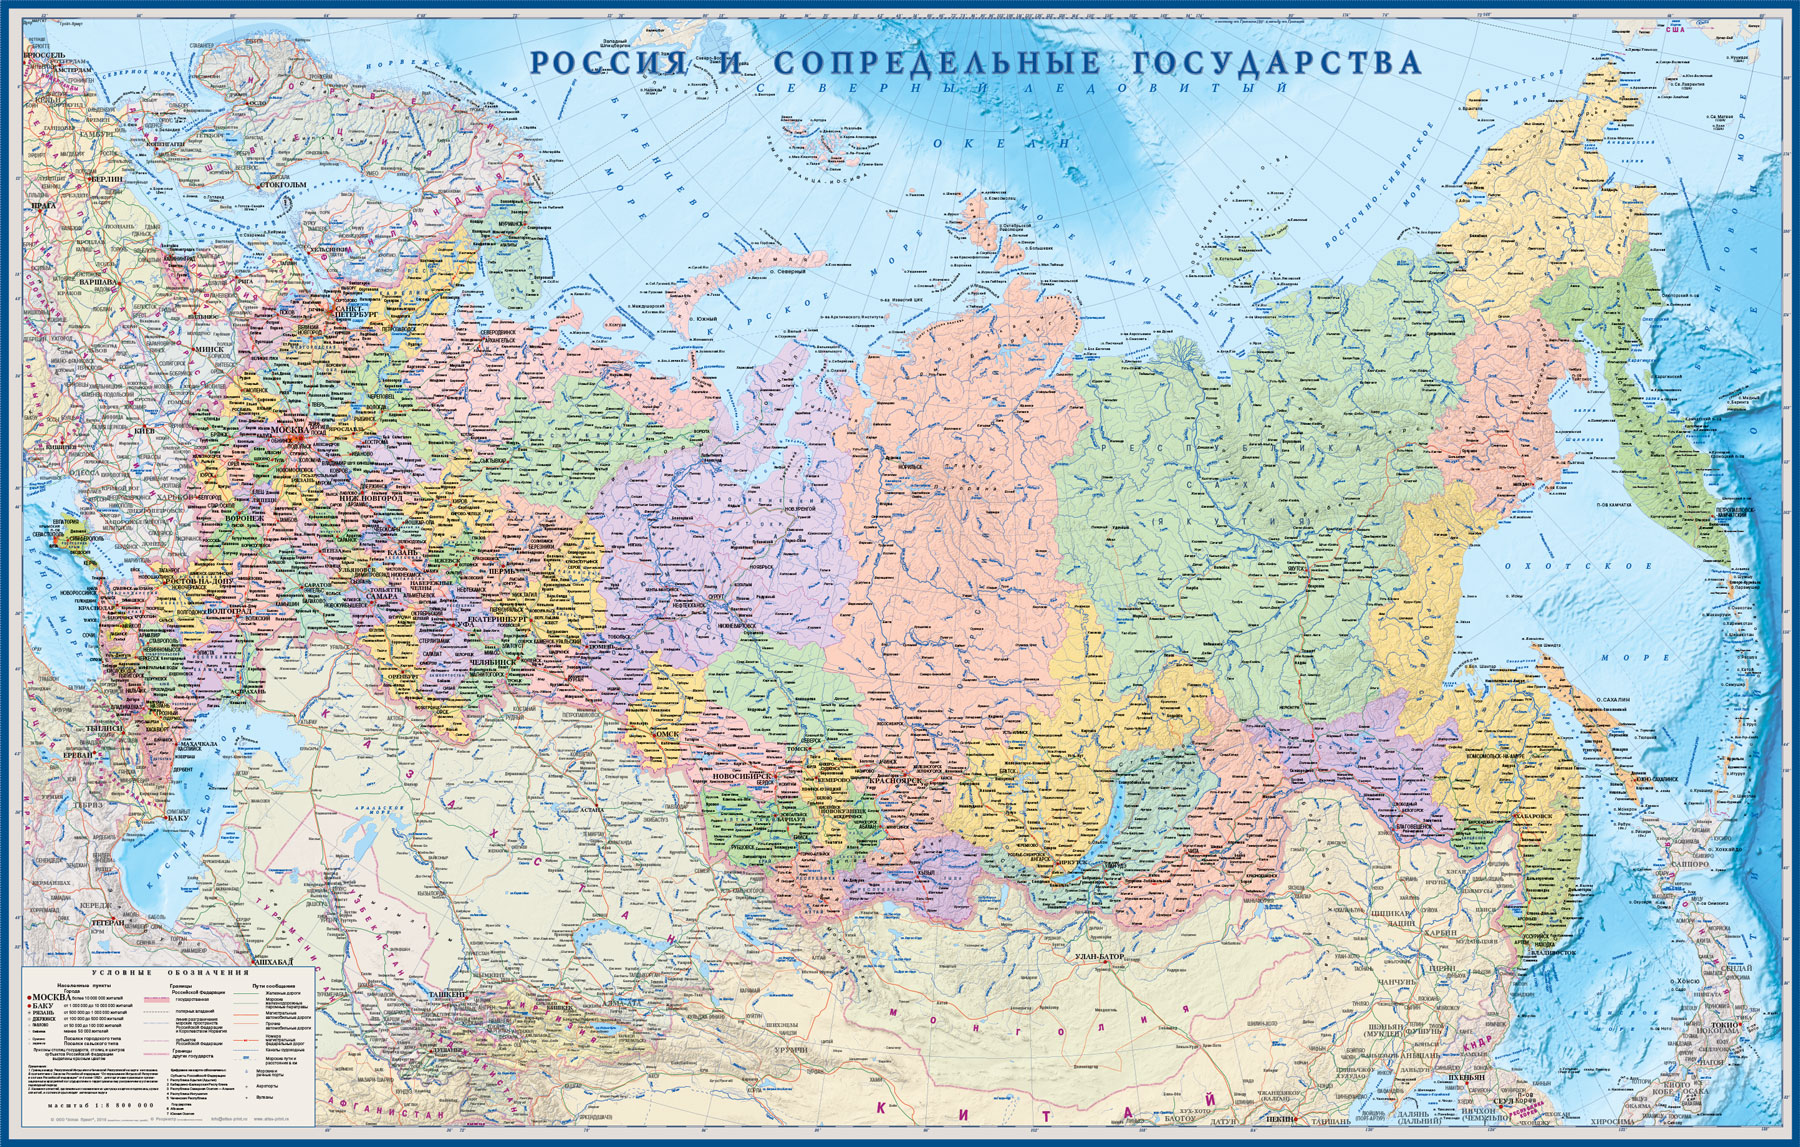 Настенная карта России и сопредельных государств политико-административная размер 1,50*0,95 м, ламинированная